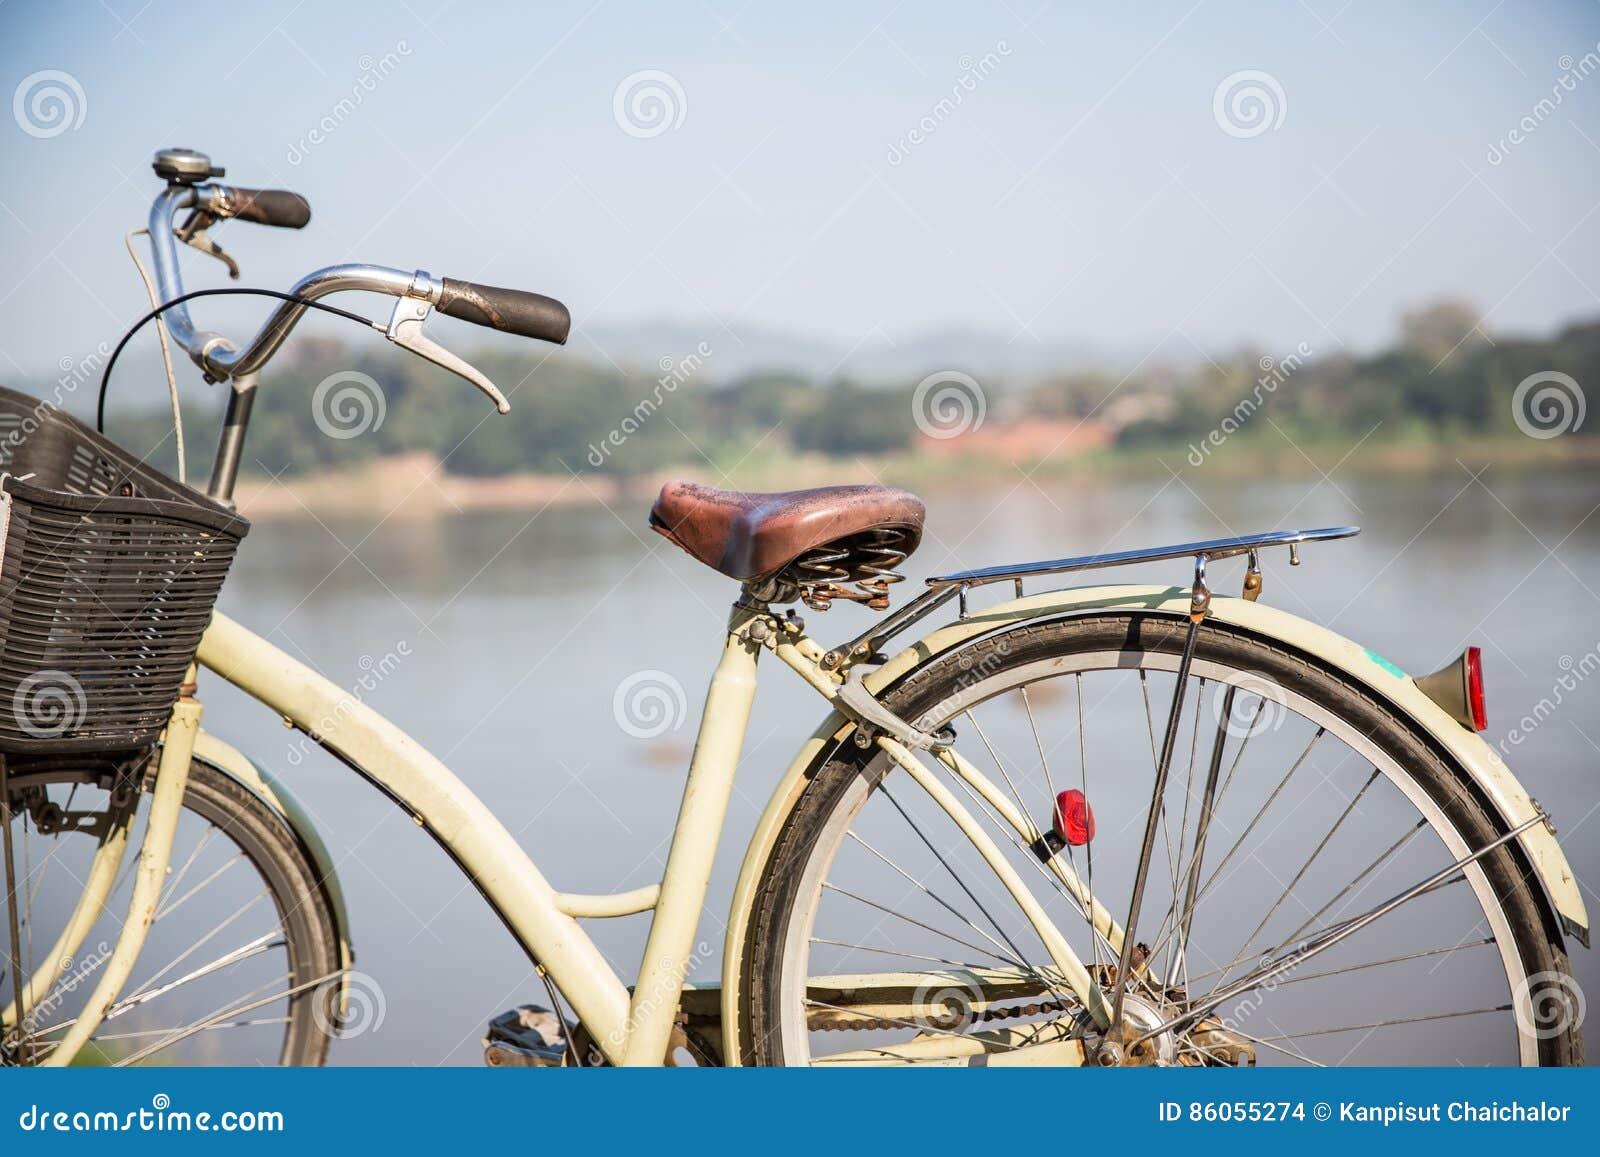 Weinlese-Fahrrad, Hintergrund ist der Fluss